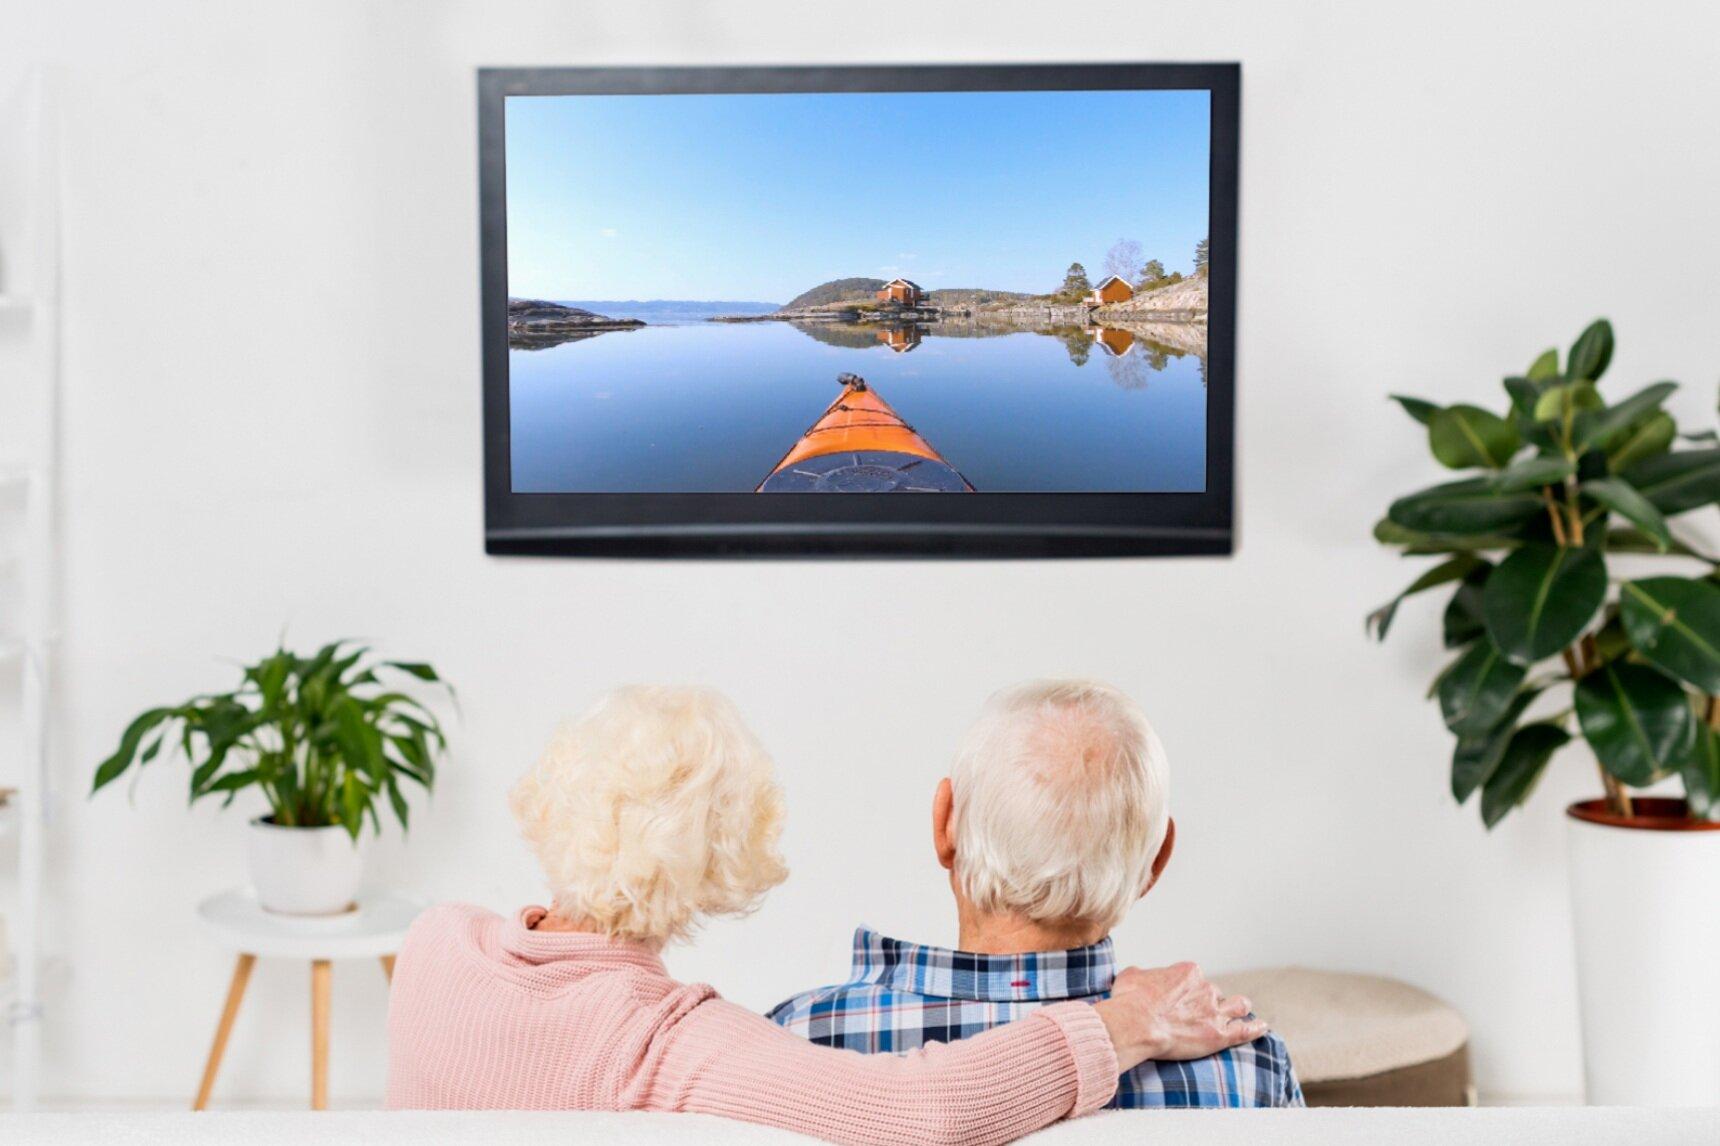 Nyd Televindu på tablet og TV - Se Televindu på iPhone, iPad, eller afspil på dit TV med HDMI-kabel eller Chromecast. Snart også AppleTV!